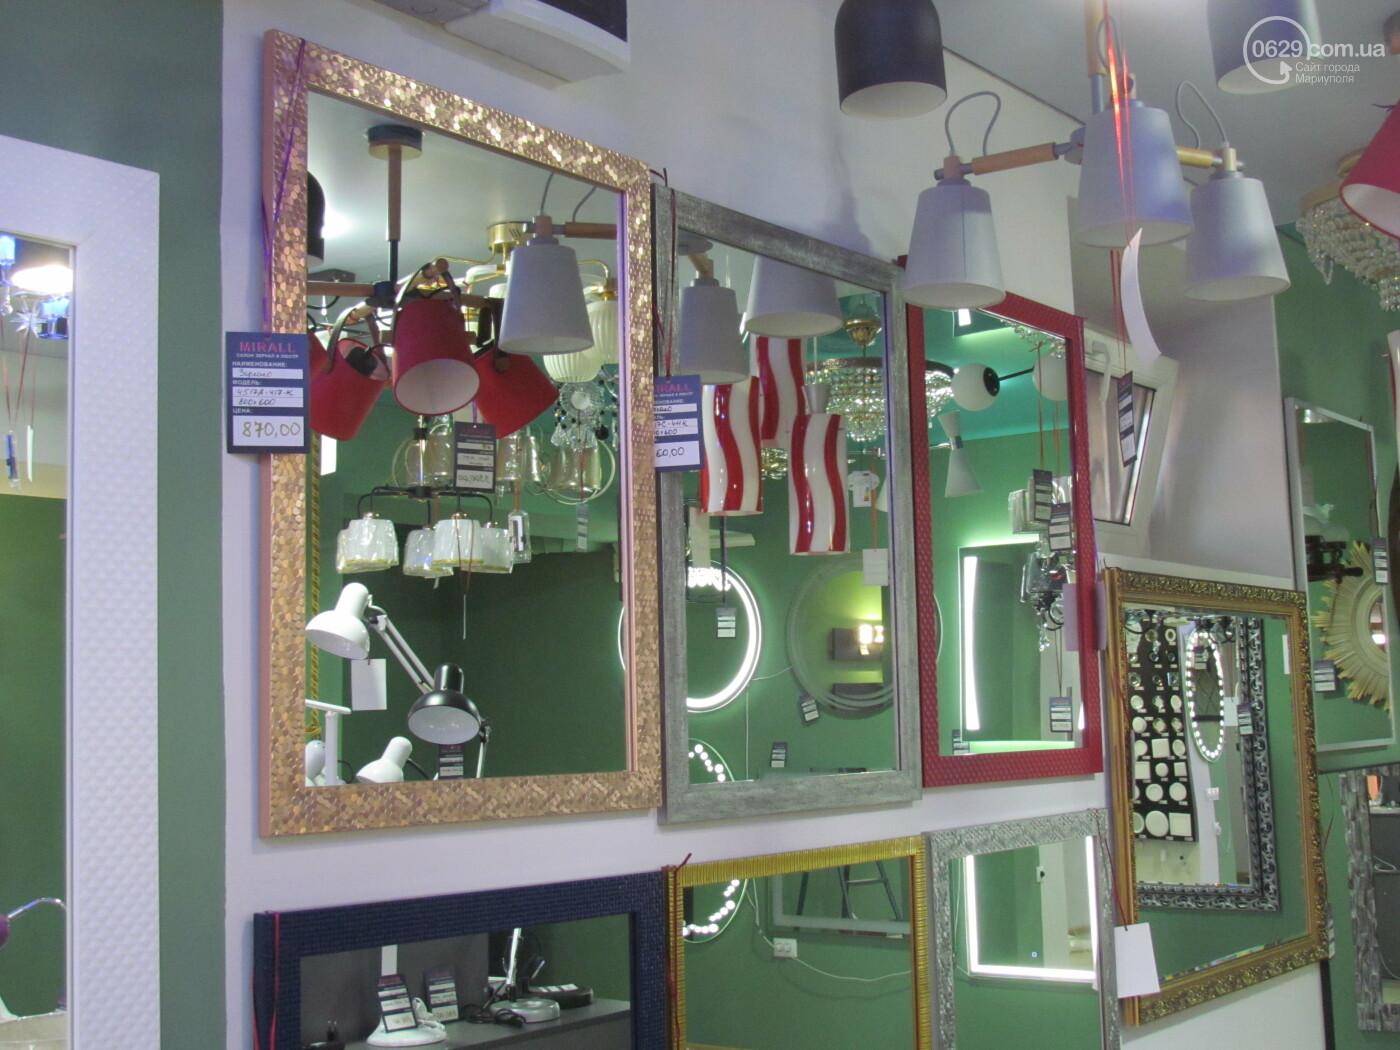 """Люстры, светильники, зеркала в современном дизайне! Более 1000 видов в салоне """"Mirall"""", фото-4"""